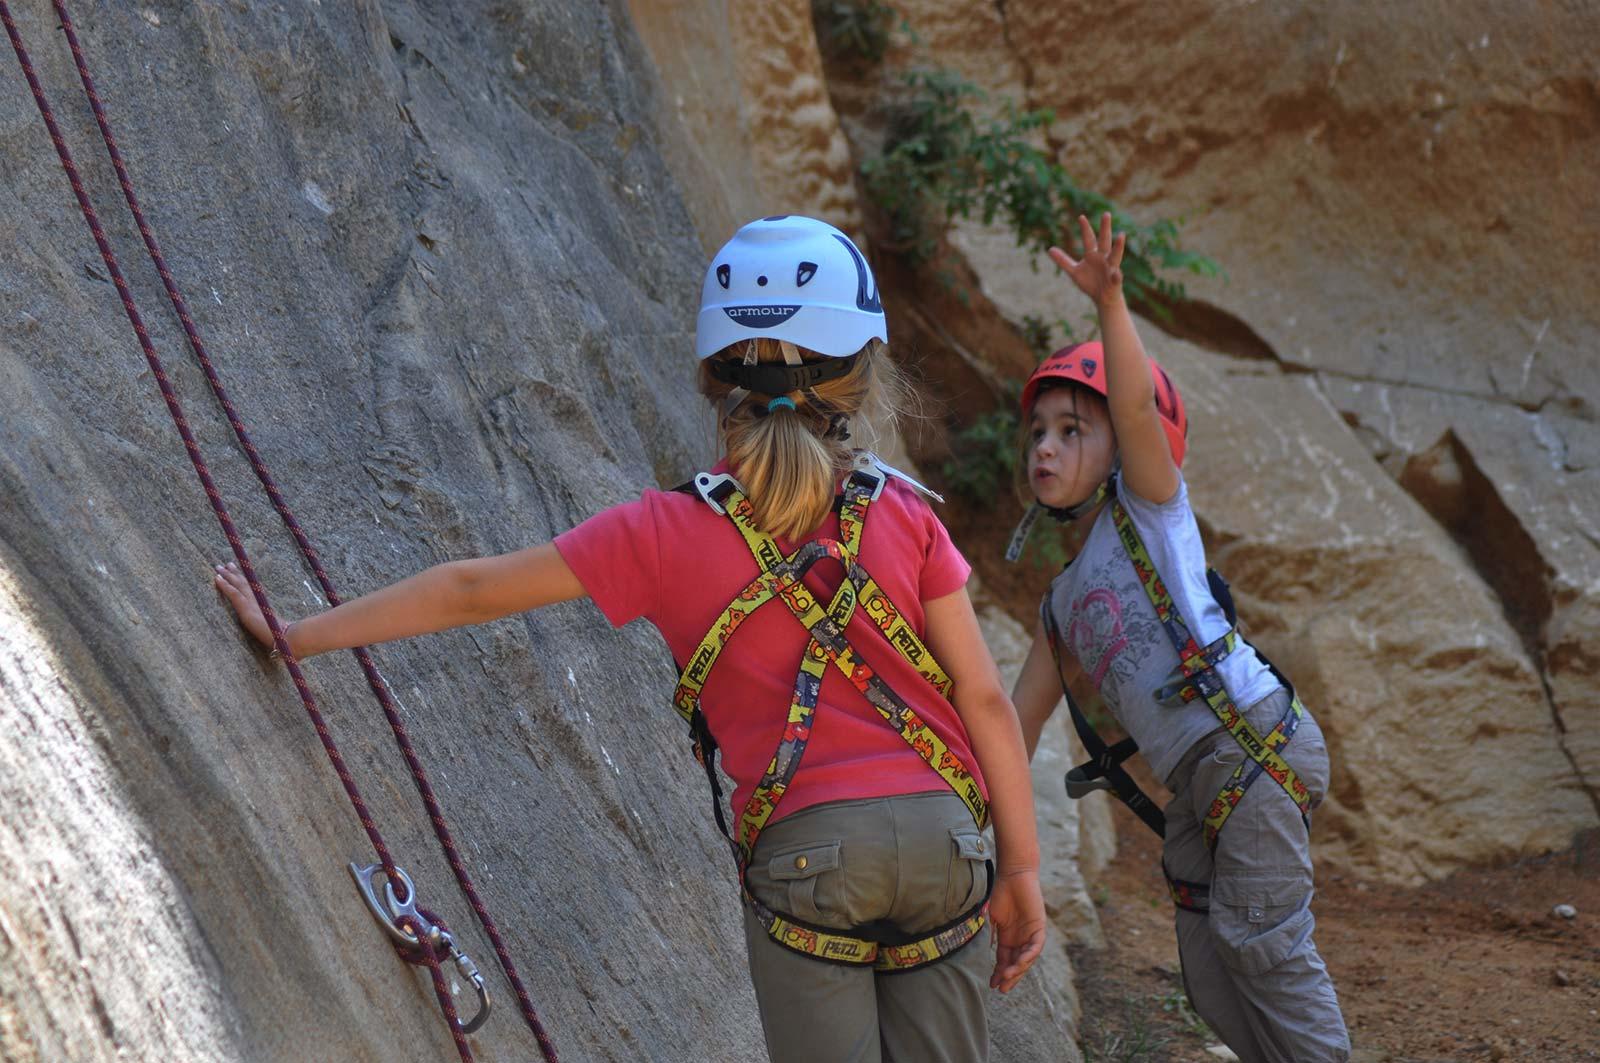 apprentissage de l'escalade|une bonne pause à l'escalade - Élément Terre